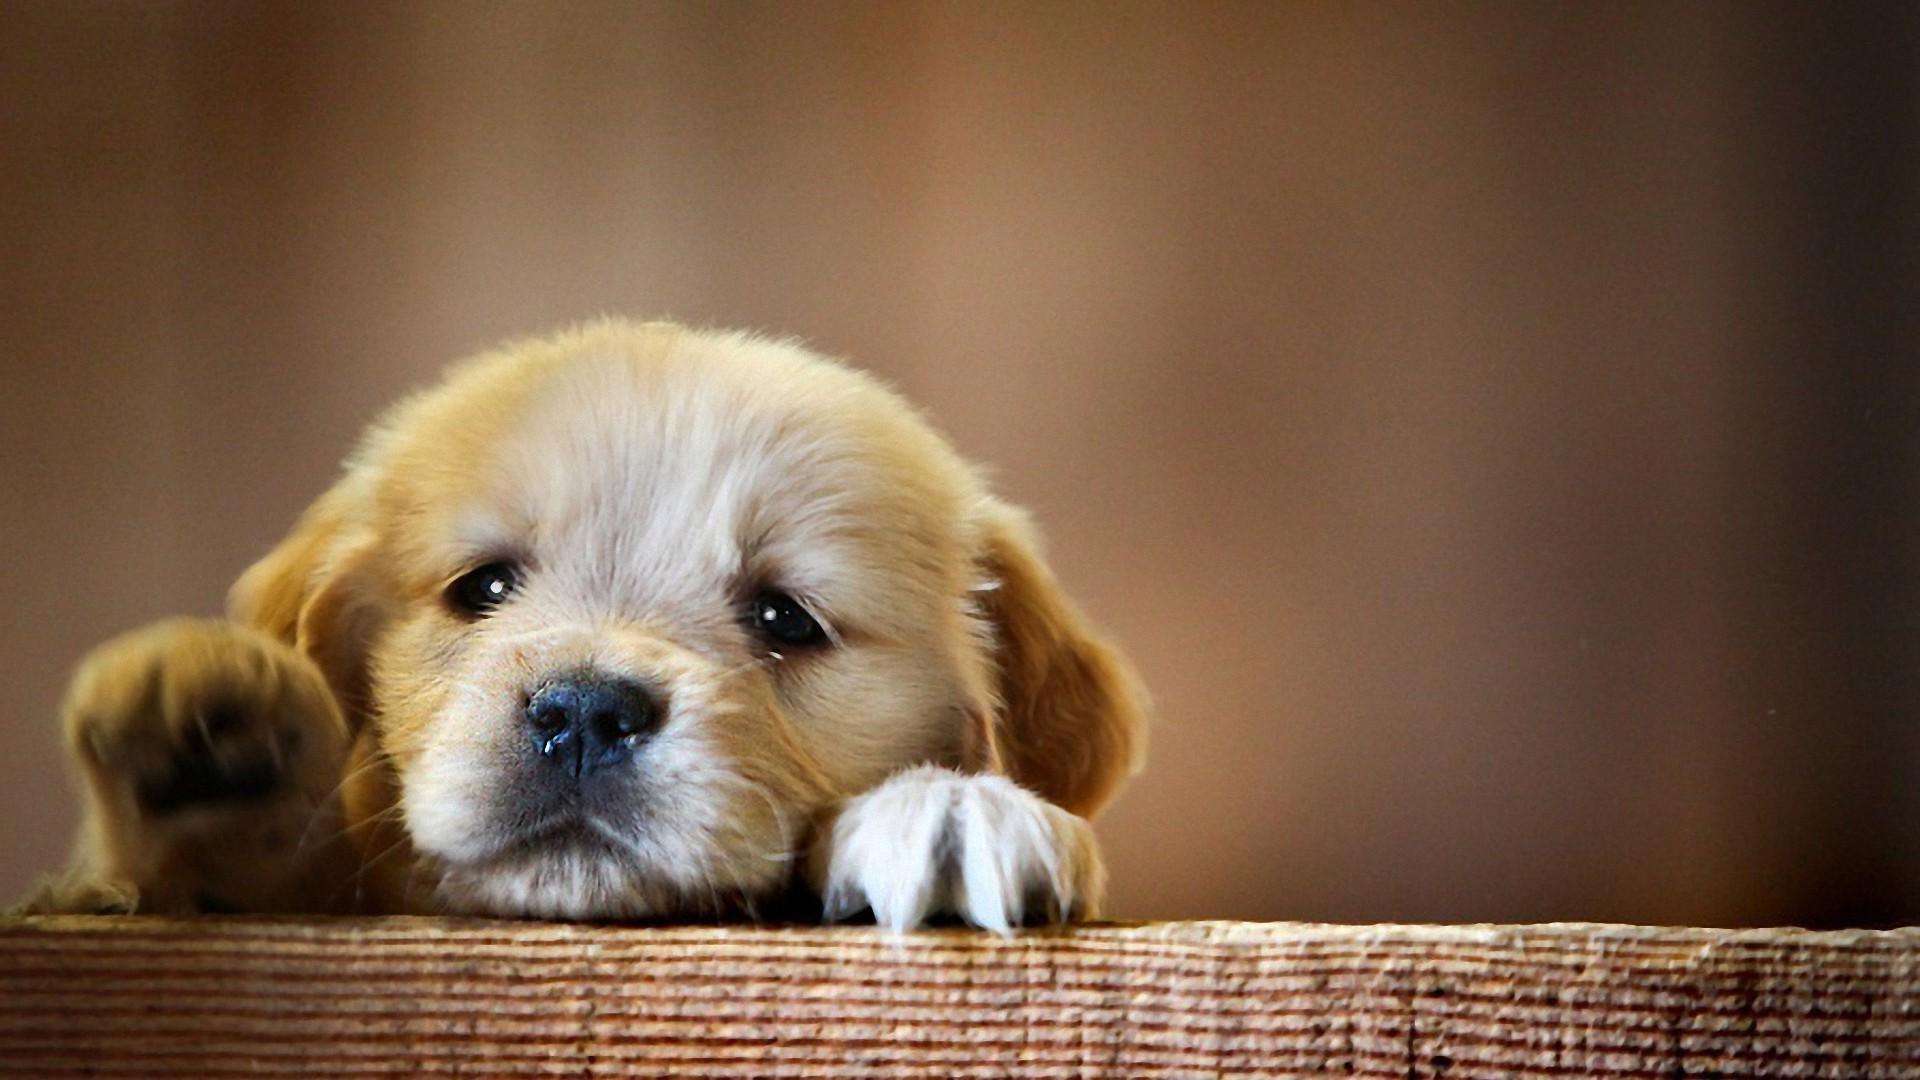 デスクトップ壁紙 子犬 1920x1080 Px 脊椎動物 哺乳類のような犬